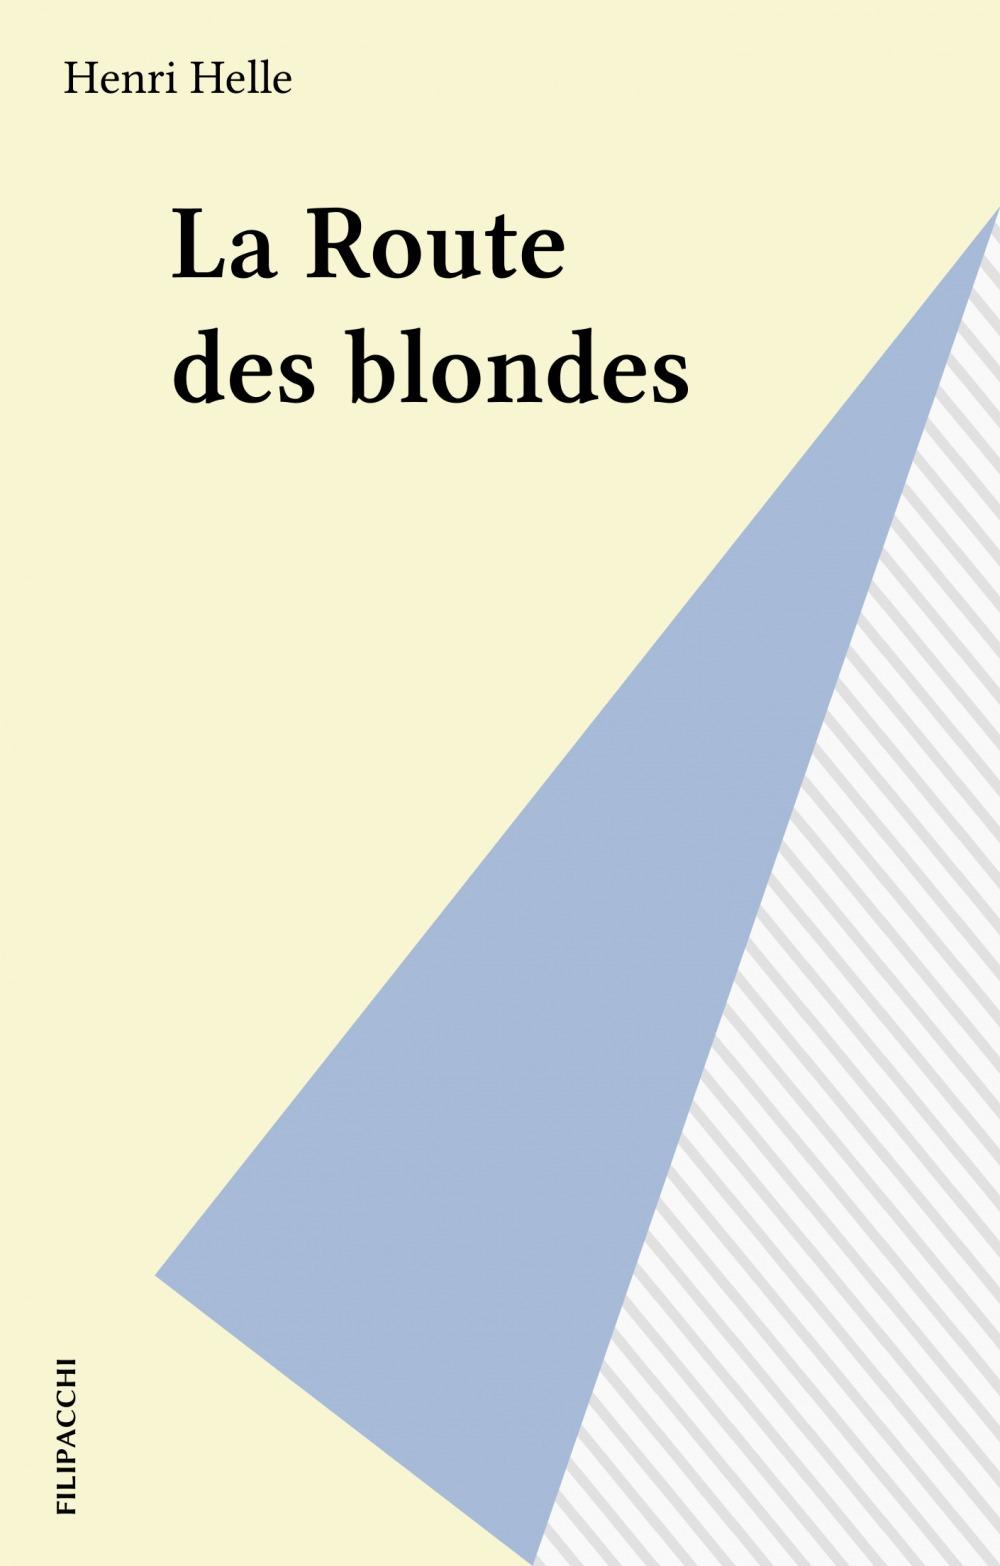 La Route des blondes  - Henri Helle